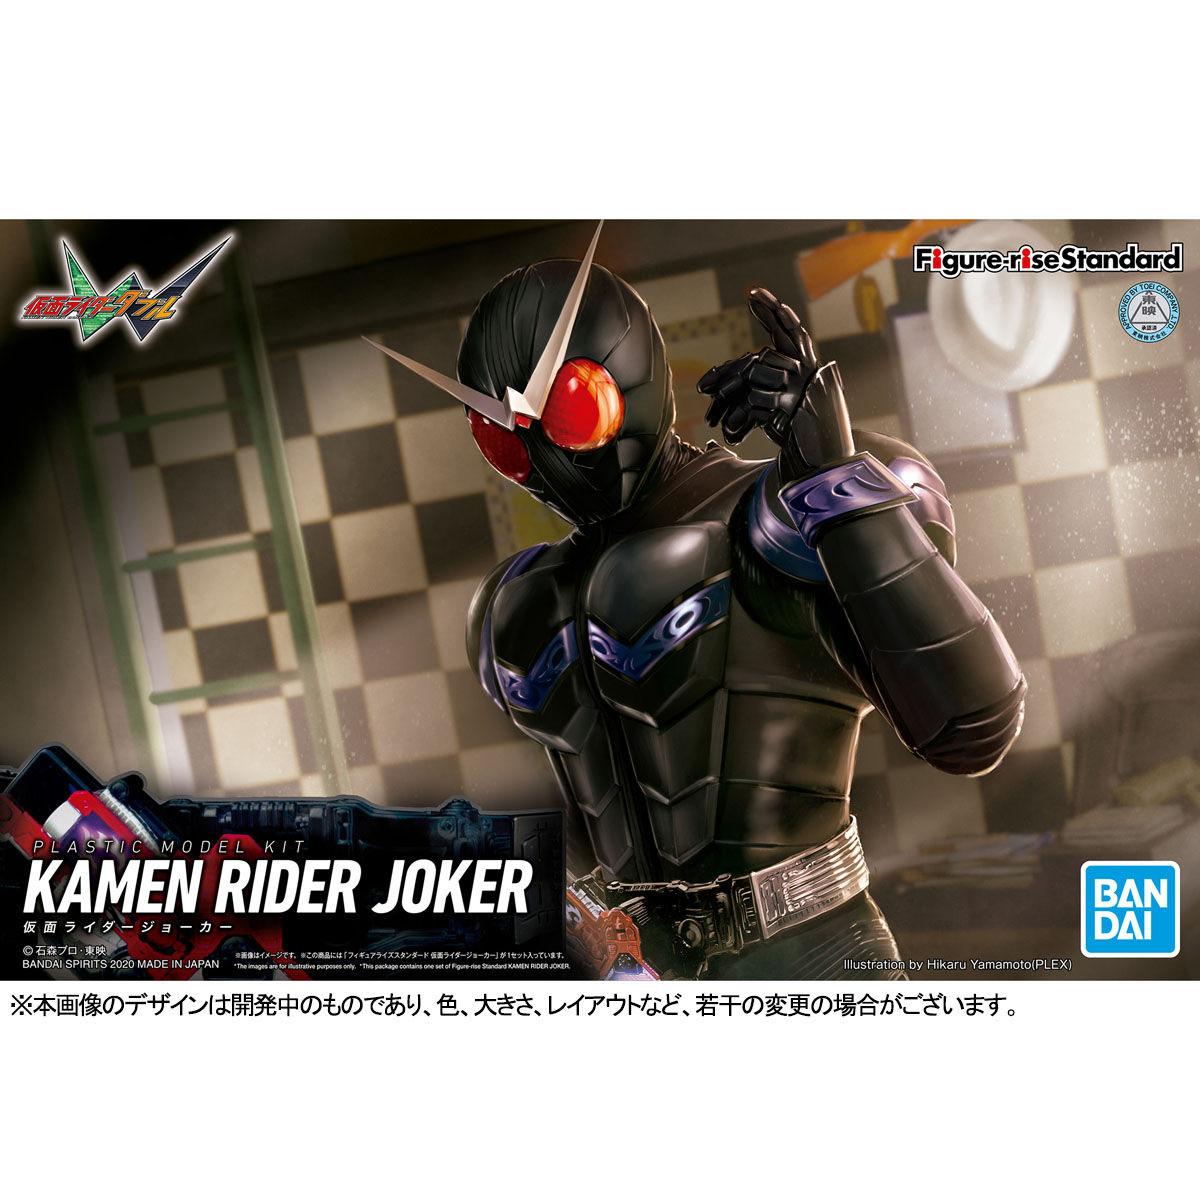 【限定販売】Figure-rise Standard『仮面ライダージョーカー』仮面ライダーW プラモデル-009